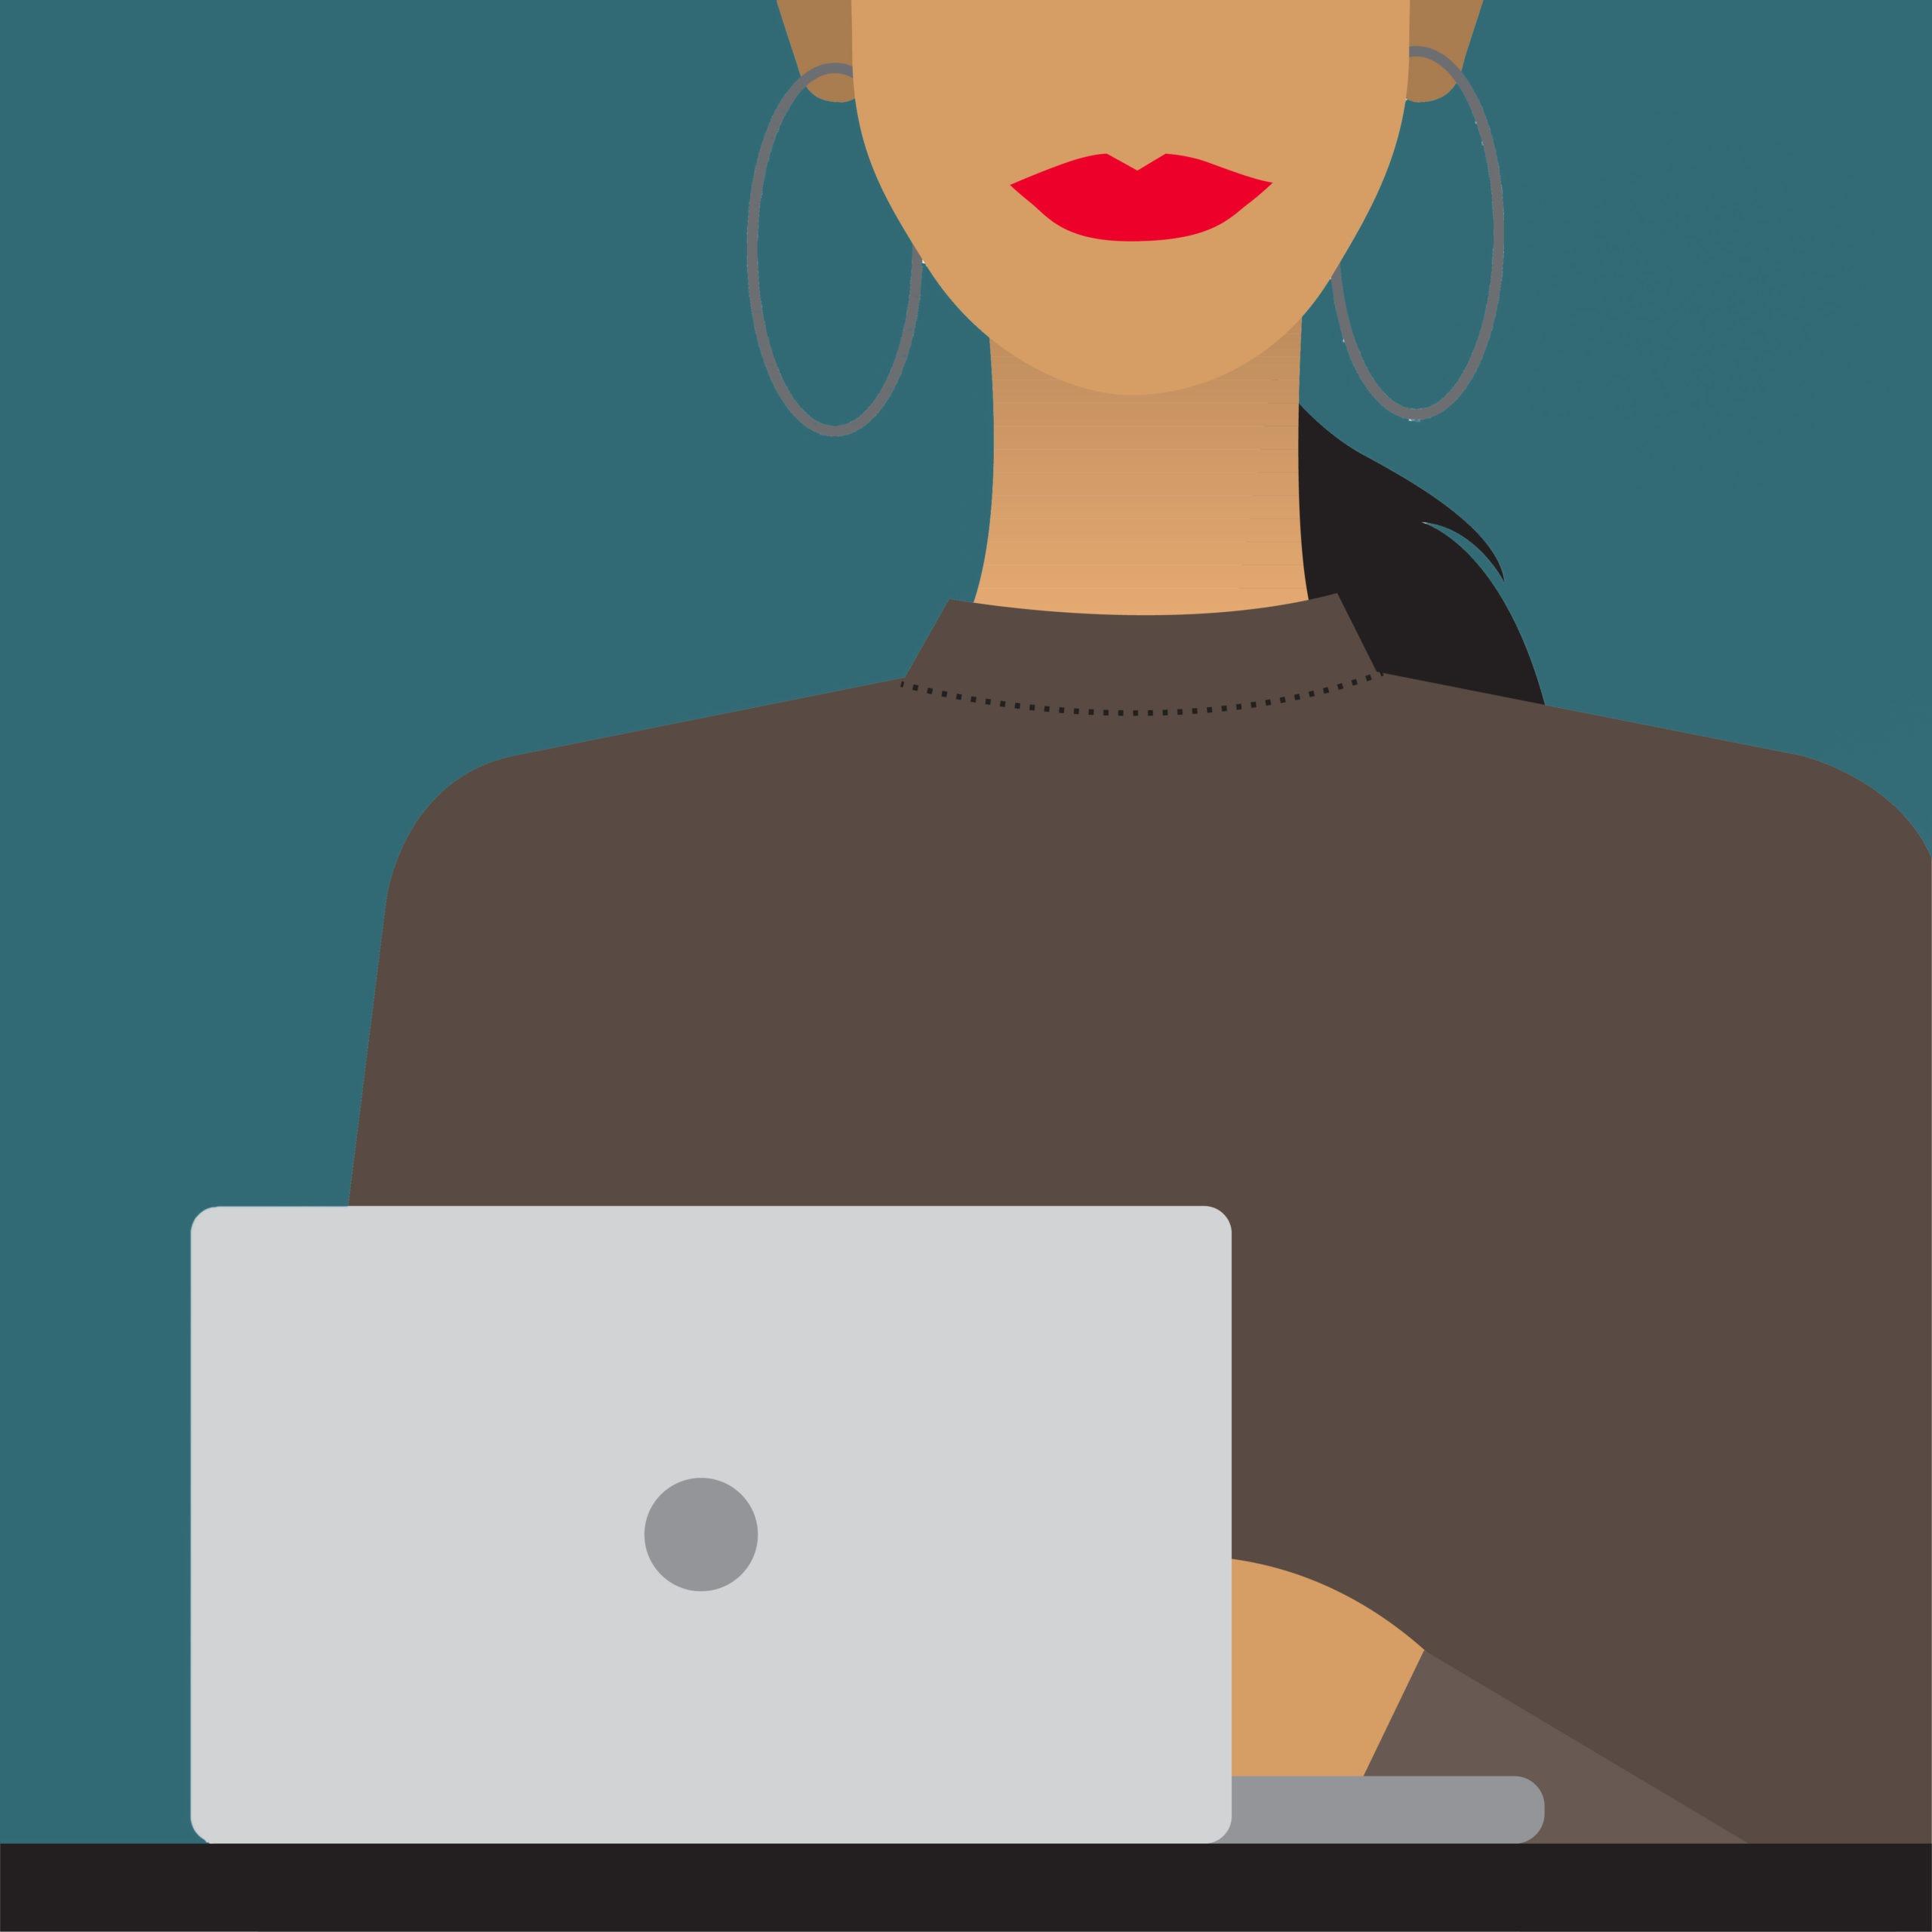 Comment gerer votr e-reputation ? sudup actualités marseille agence de communication studio design studio digital web studio web sud up